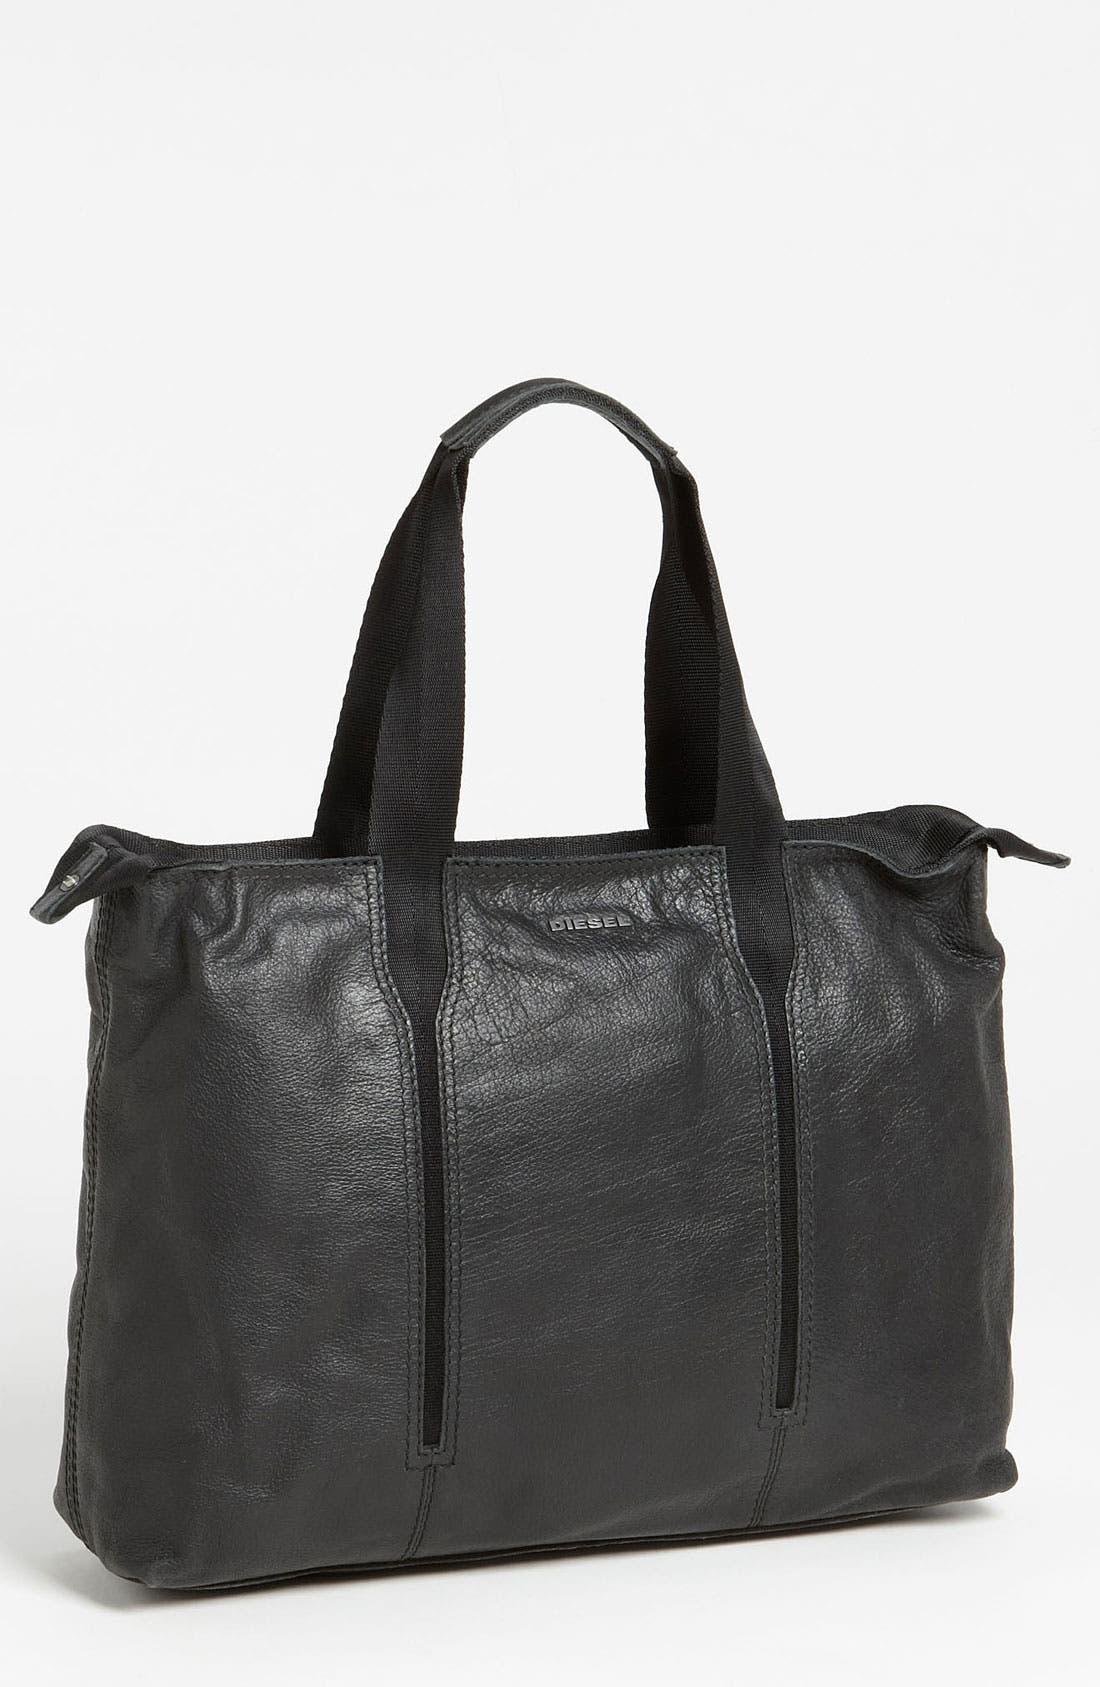 Alternate Image 1 Selected - DIESEL® 'City Slicky' Tote Bag